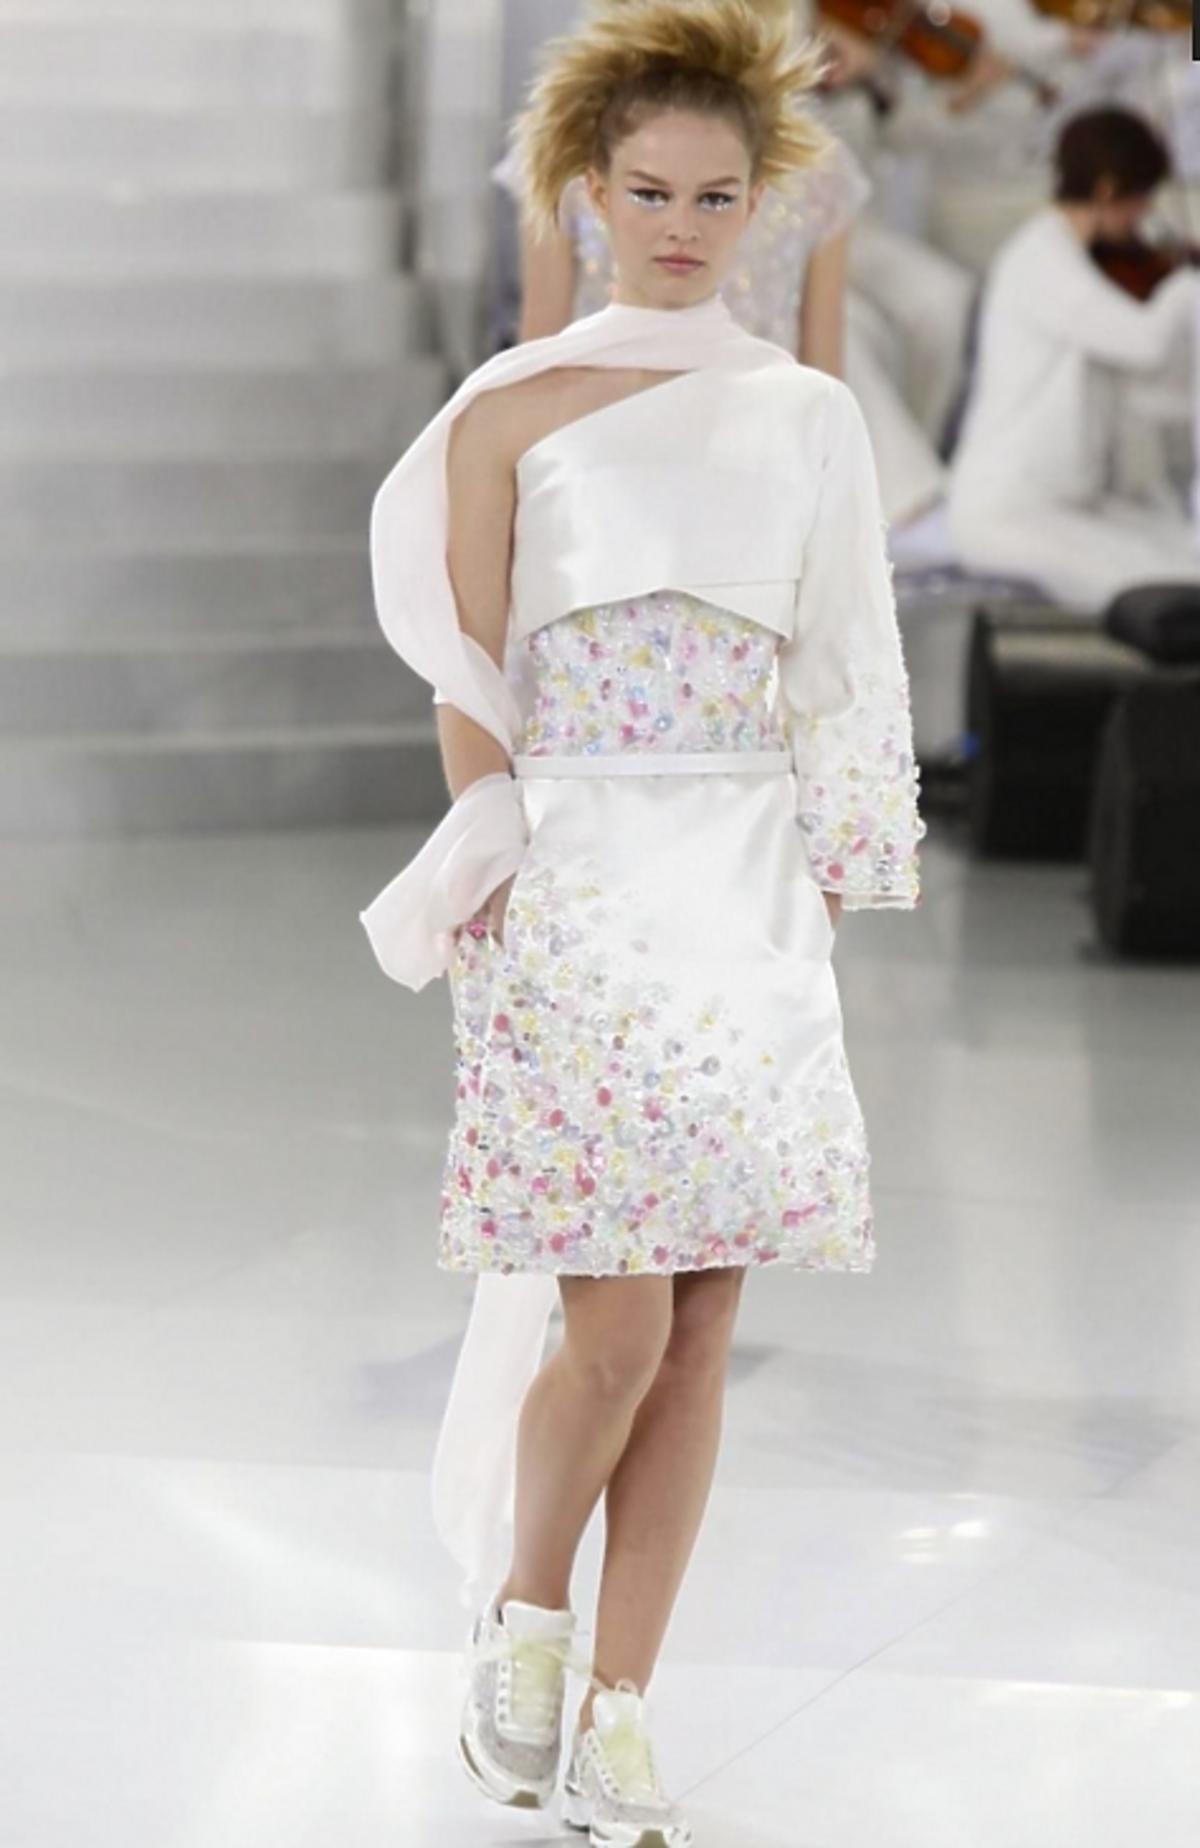 Modelka w białej sukience z taśmą i koralikami na wybiegu